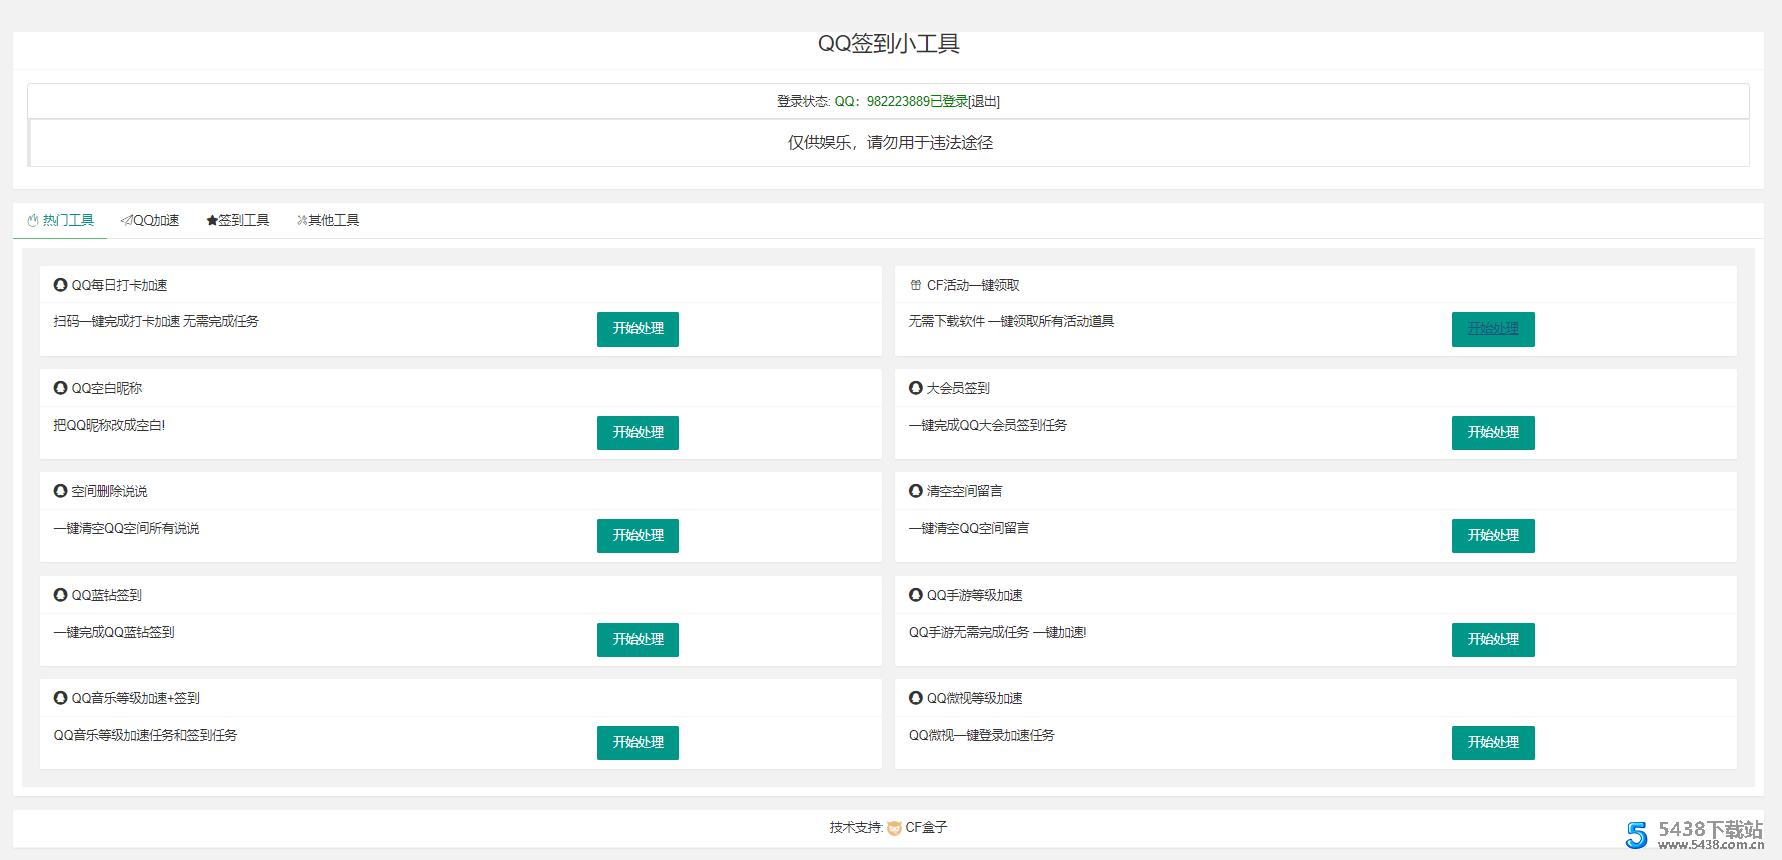 QQ网页签到加速小工具PHP源码优化版 包含空间功能图片